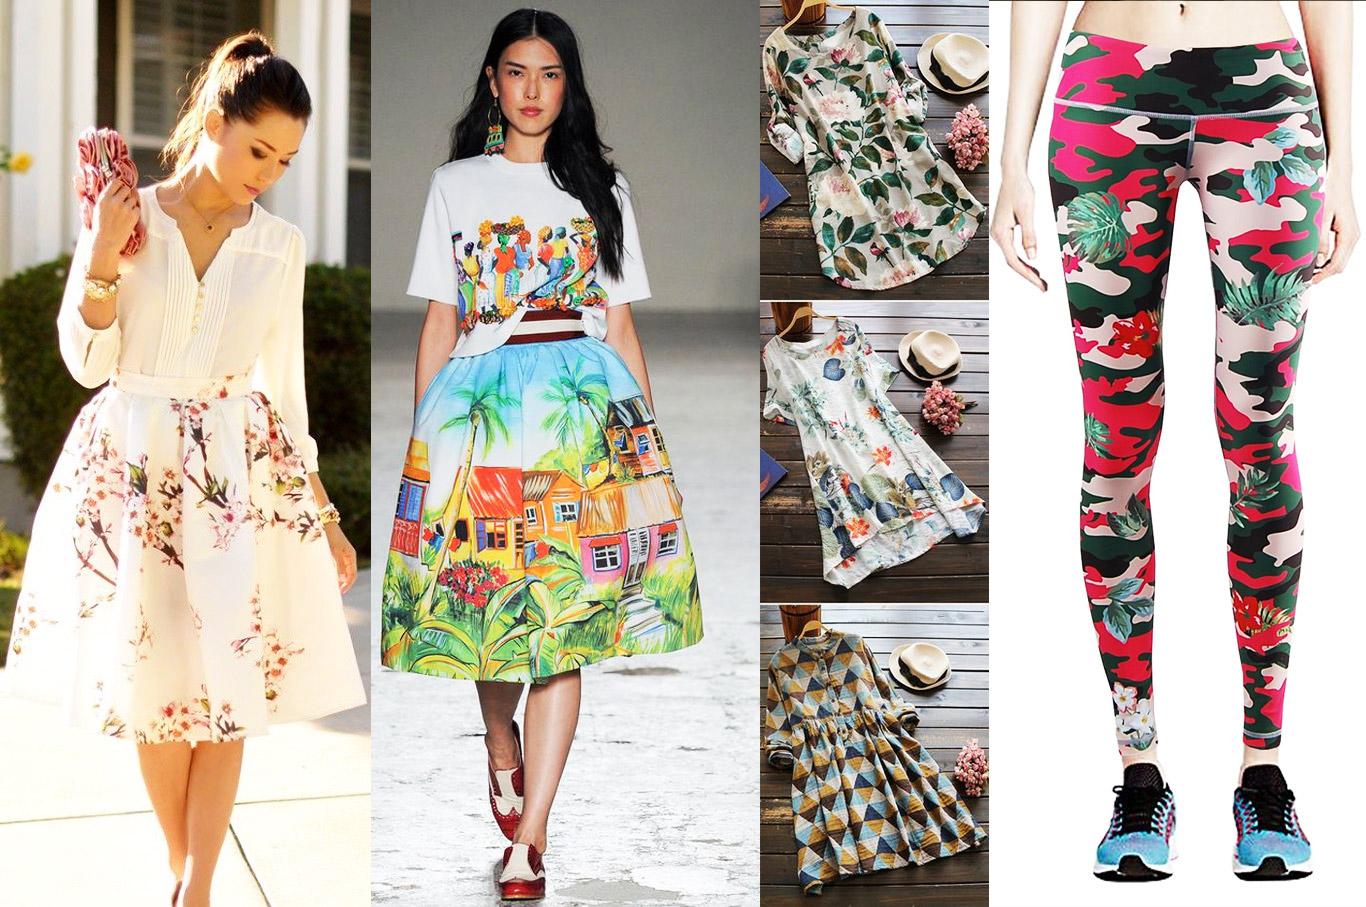 subliamcion-textil-moda